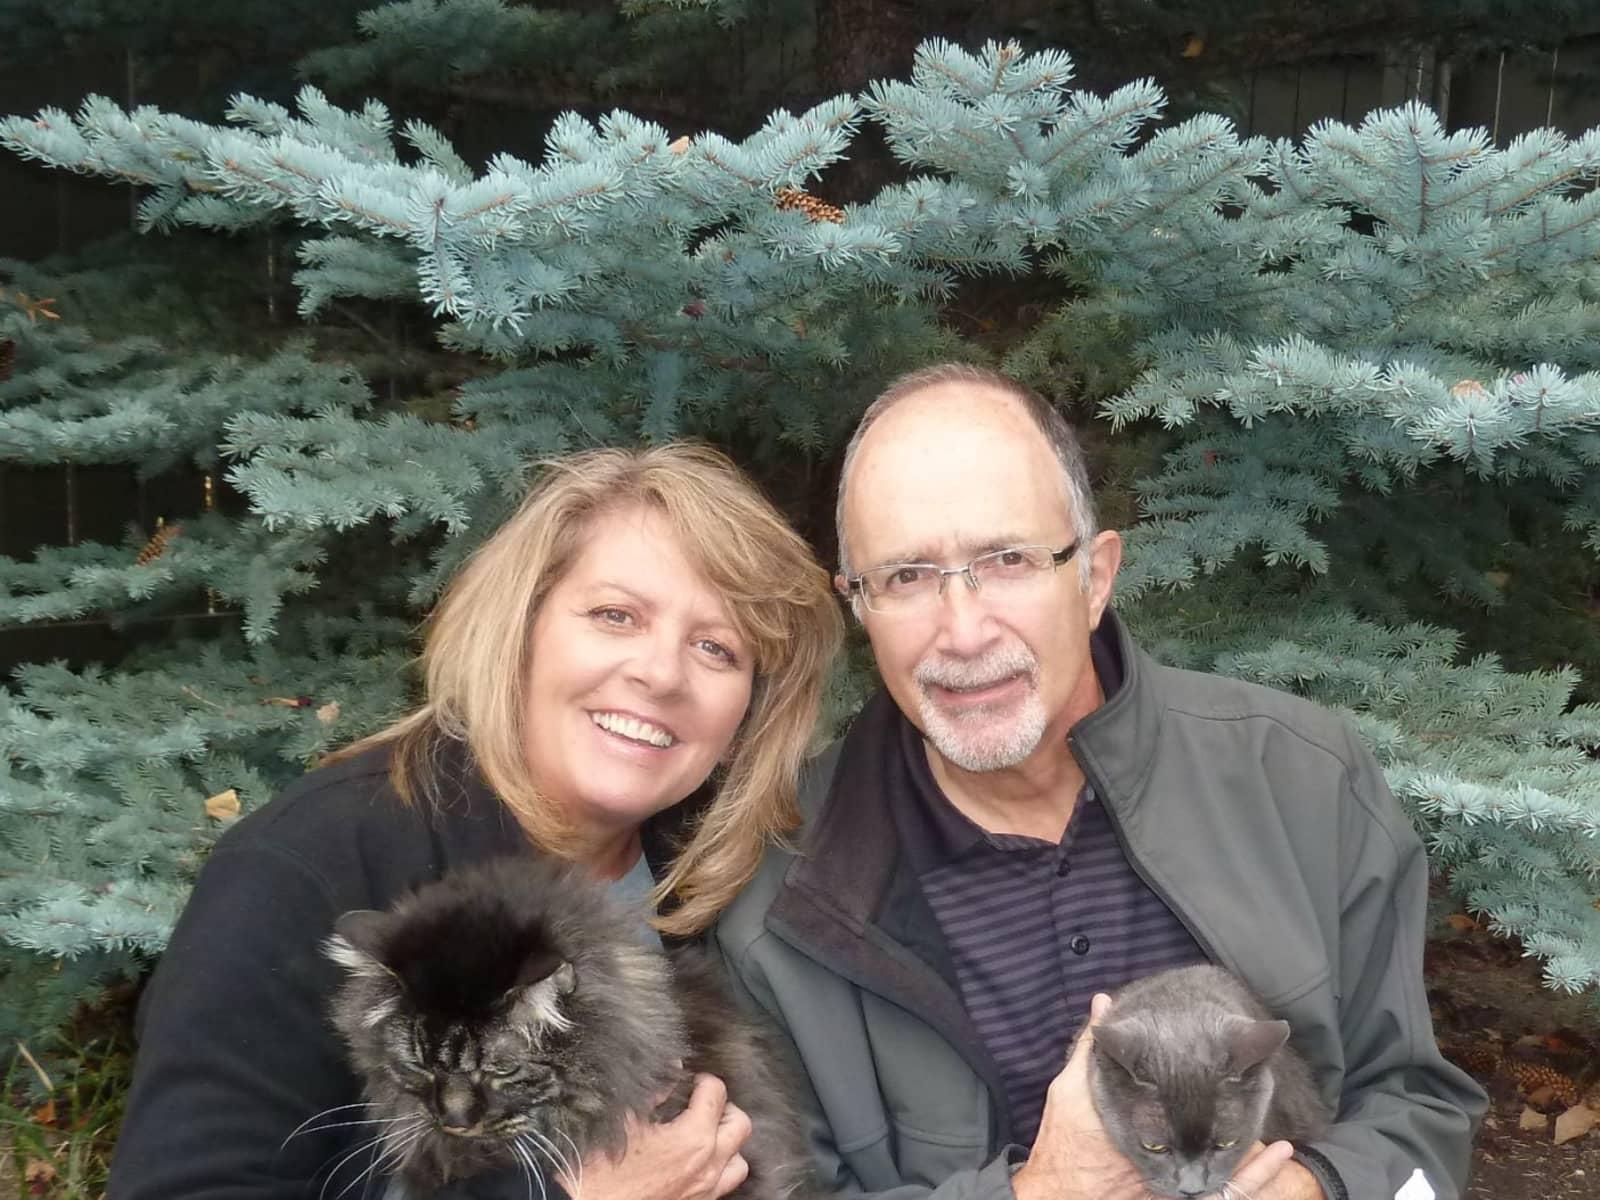 Sherry & Ron from Calgary, Alberta, Canada